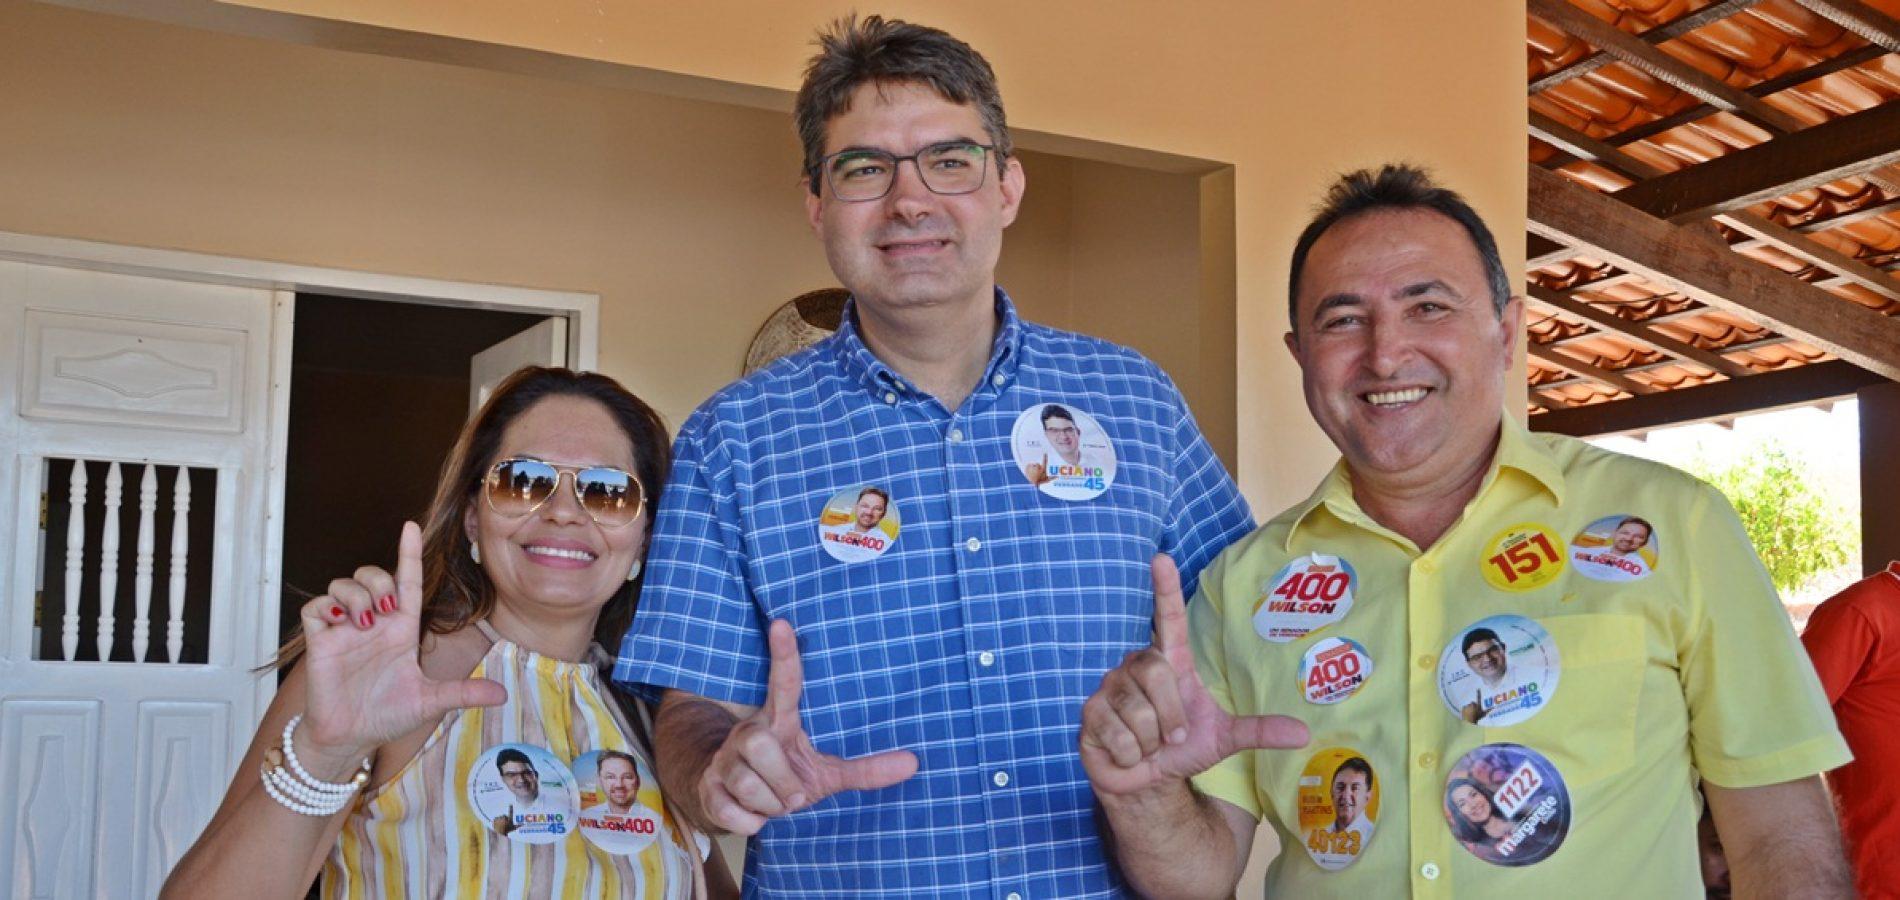 Luciano Nunesvisita Patos do Piauí e recebe adesão do prefeito Agenilson Dias